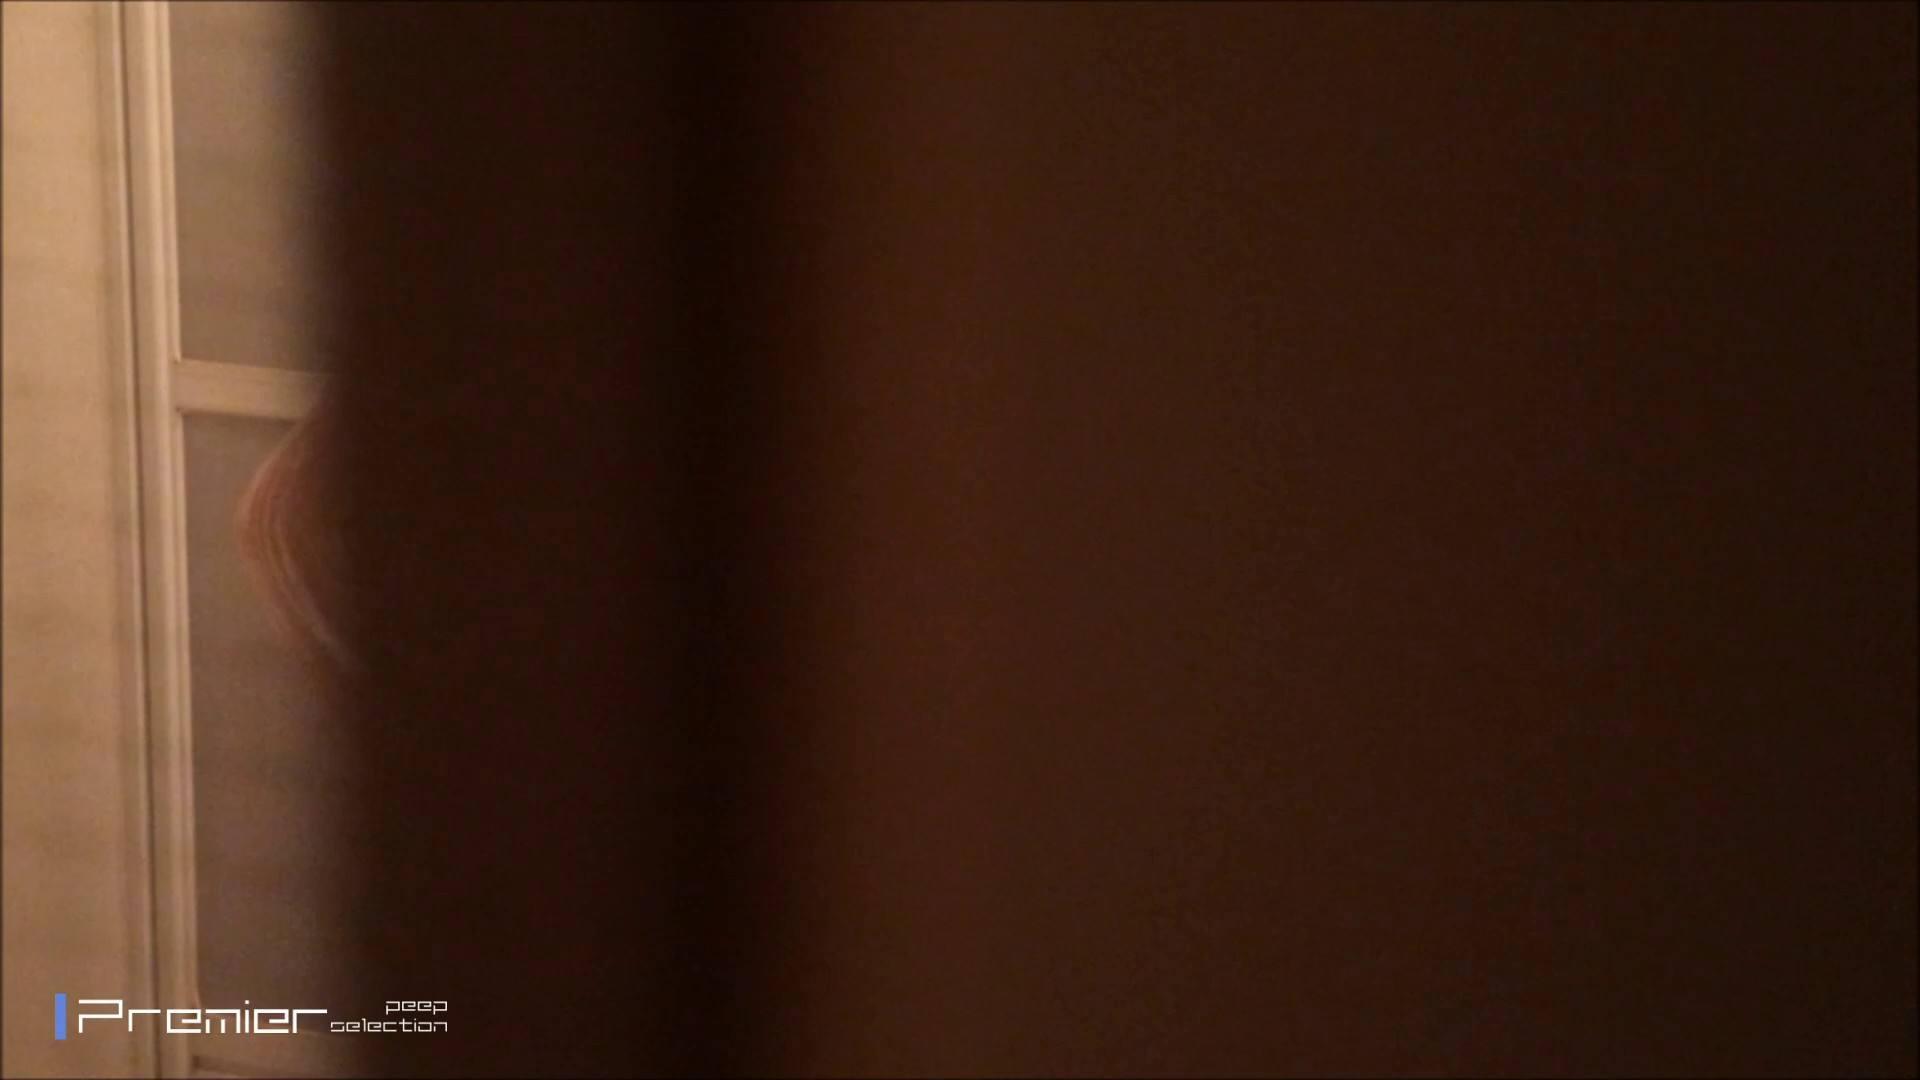 シャワーのお湯を跳ね返すお肌 乙女の風呂場 Vol.03 乙女のボディ オマンコ動画キャプチャ 78PIX 77